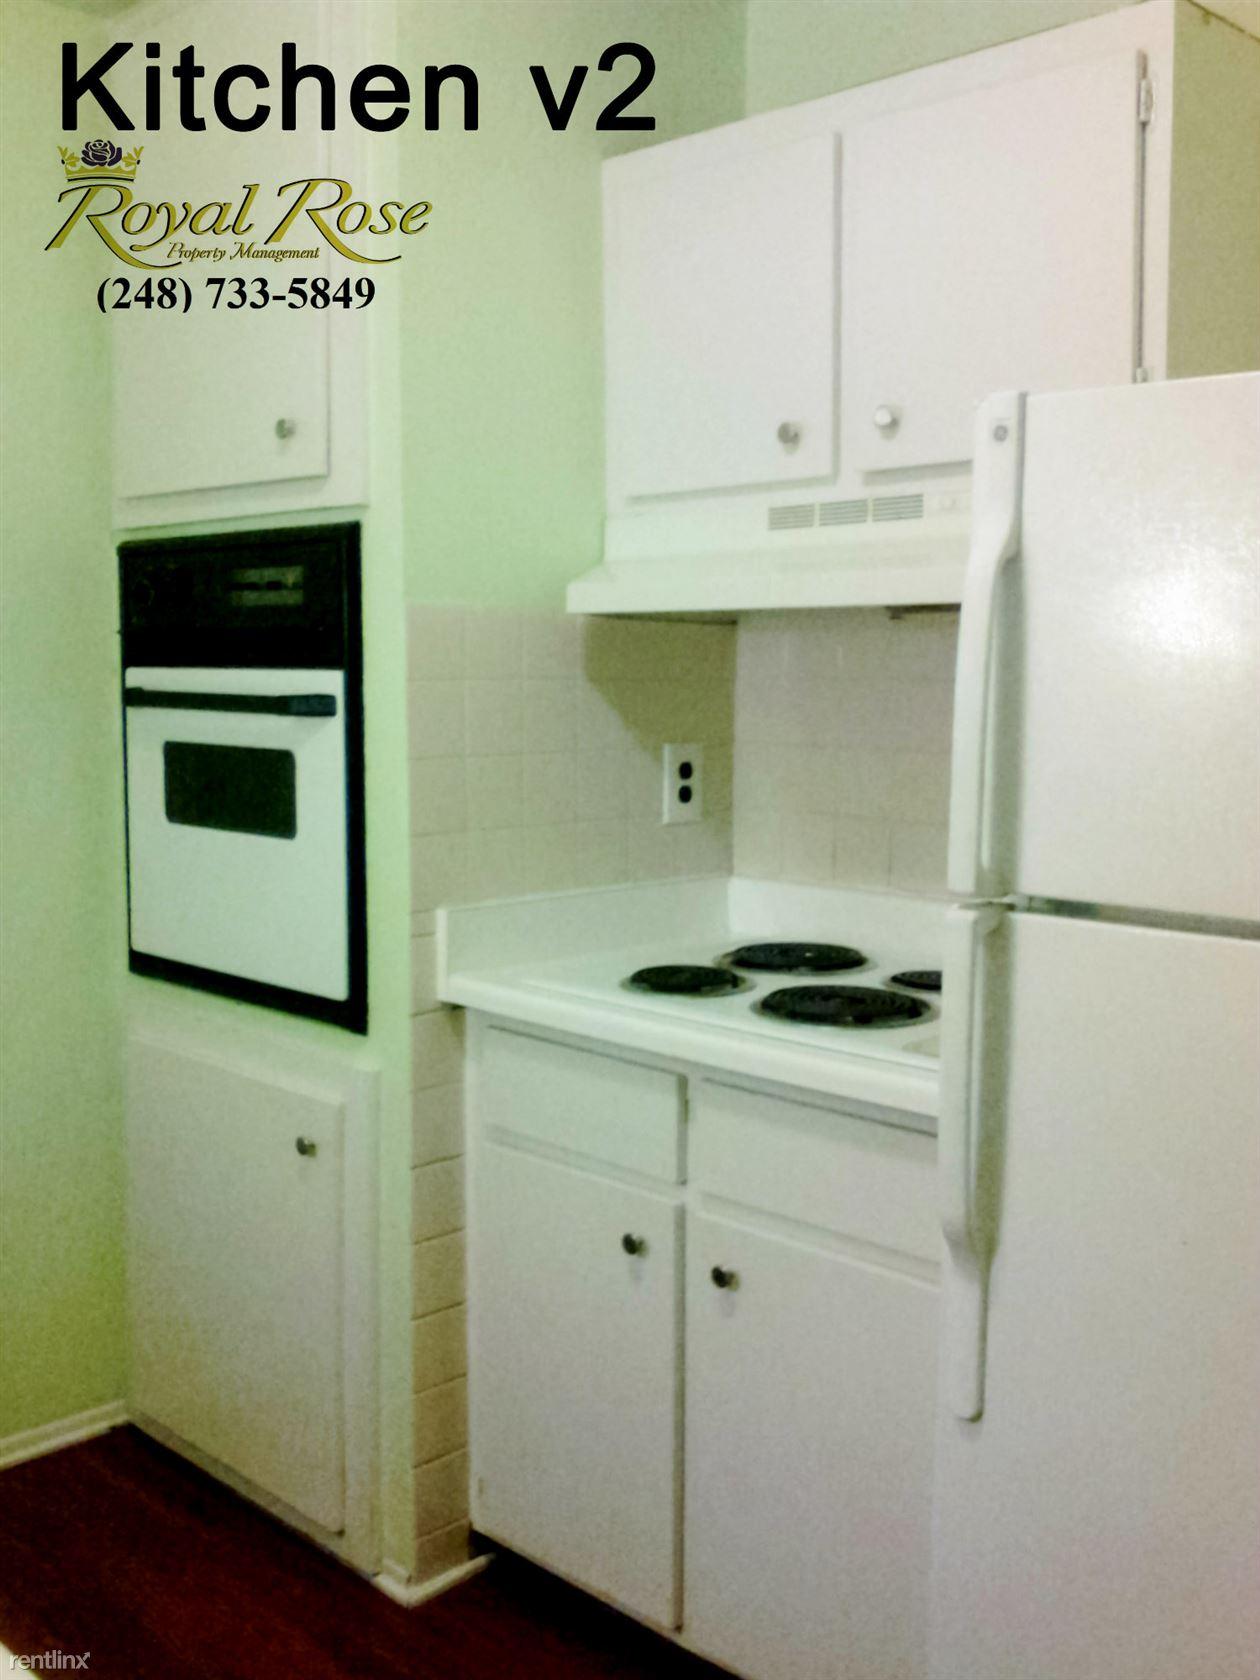 3 - Kitchen v2